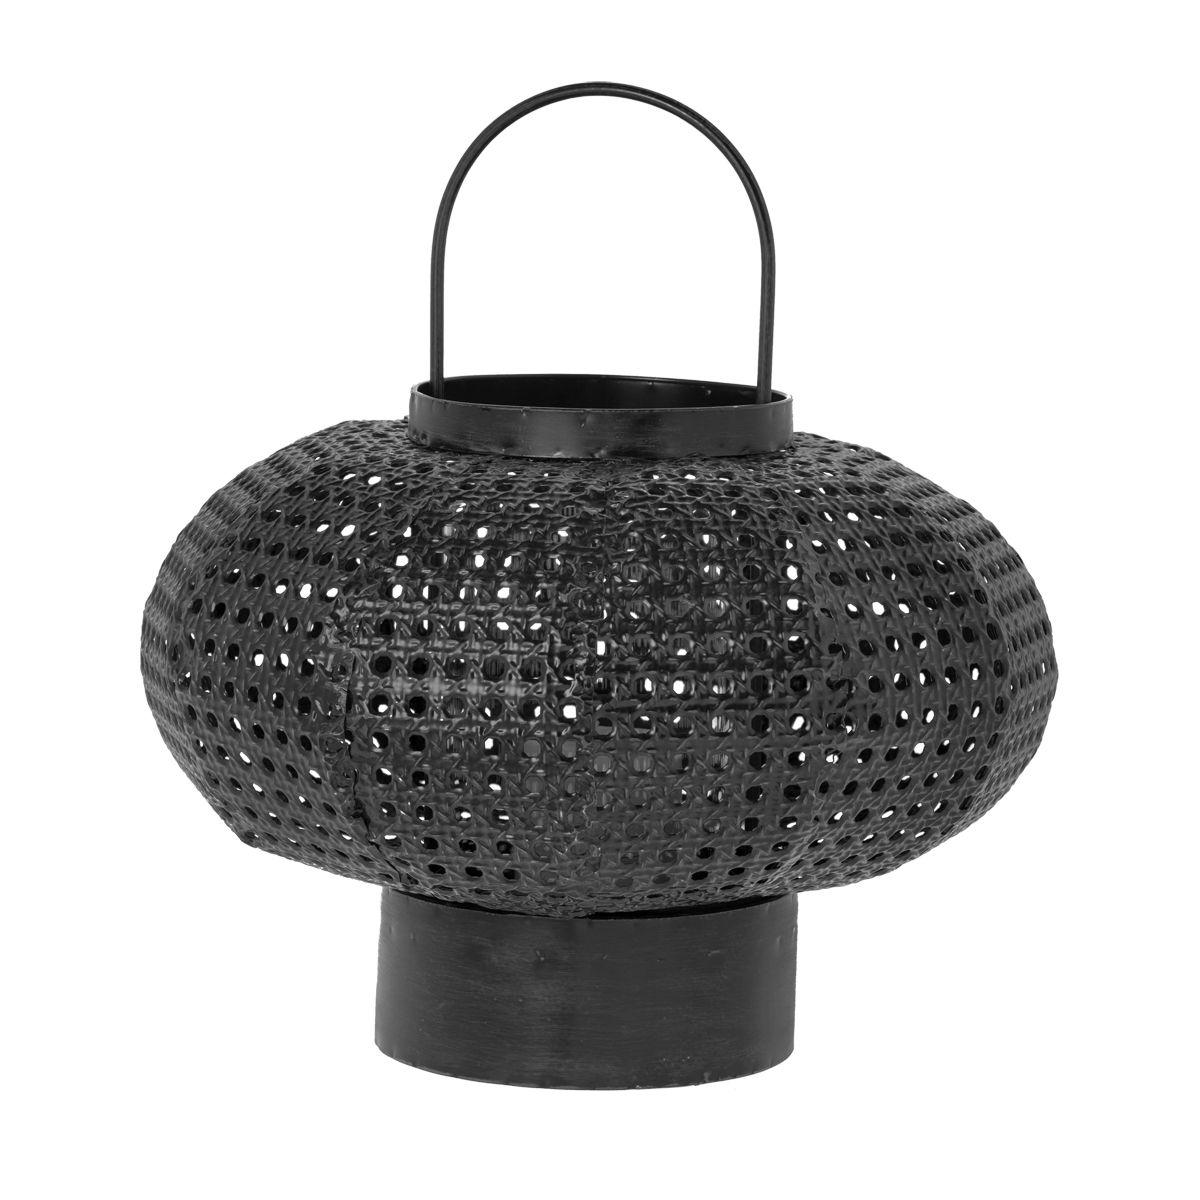 Фото - Фонарь декоративный Riverdale logan черный 40х40х43см фонарь подсвечник riverdale marlow темно синий 18х18х25см